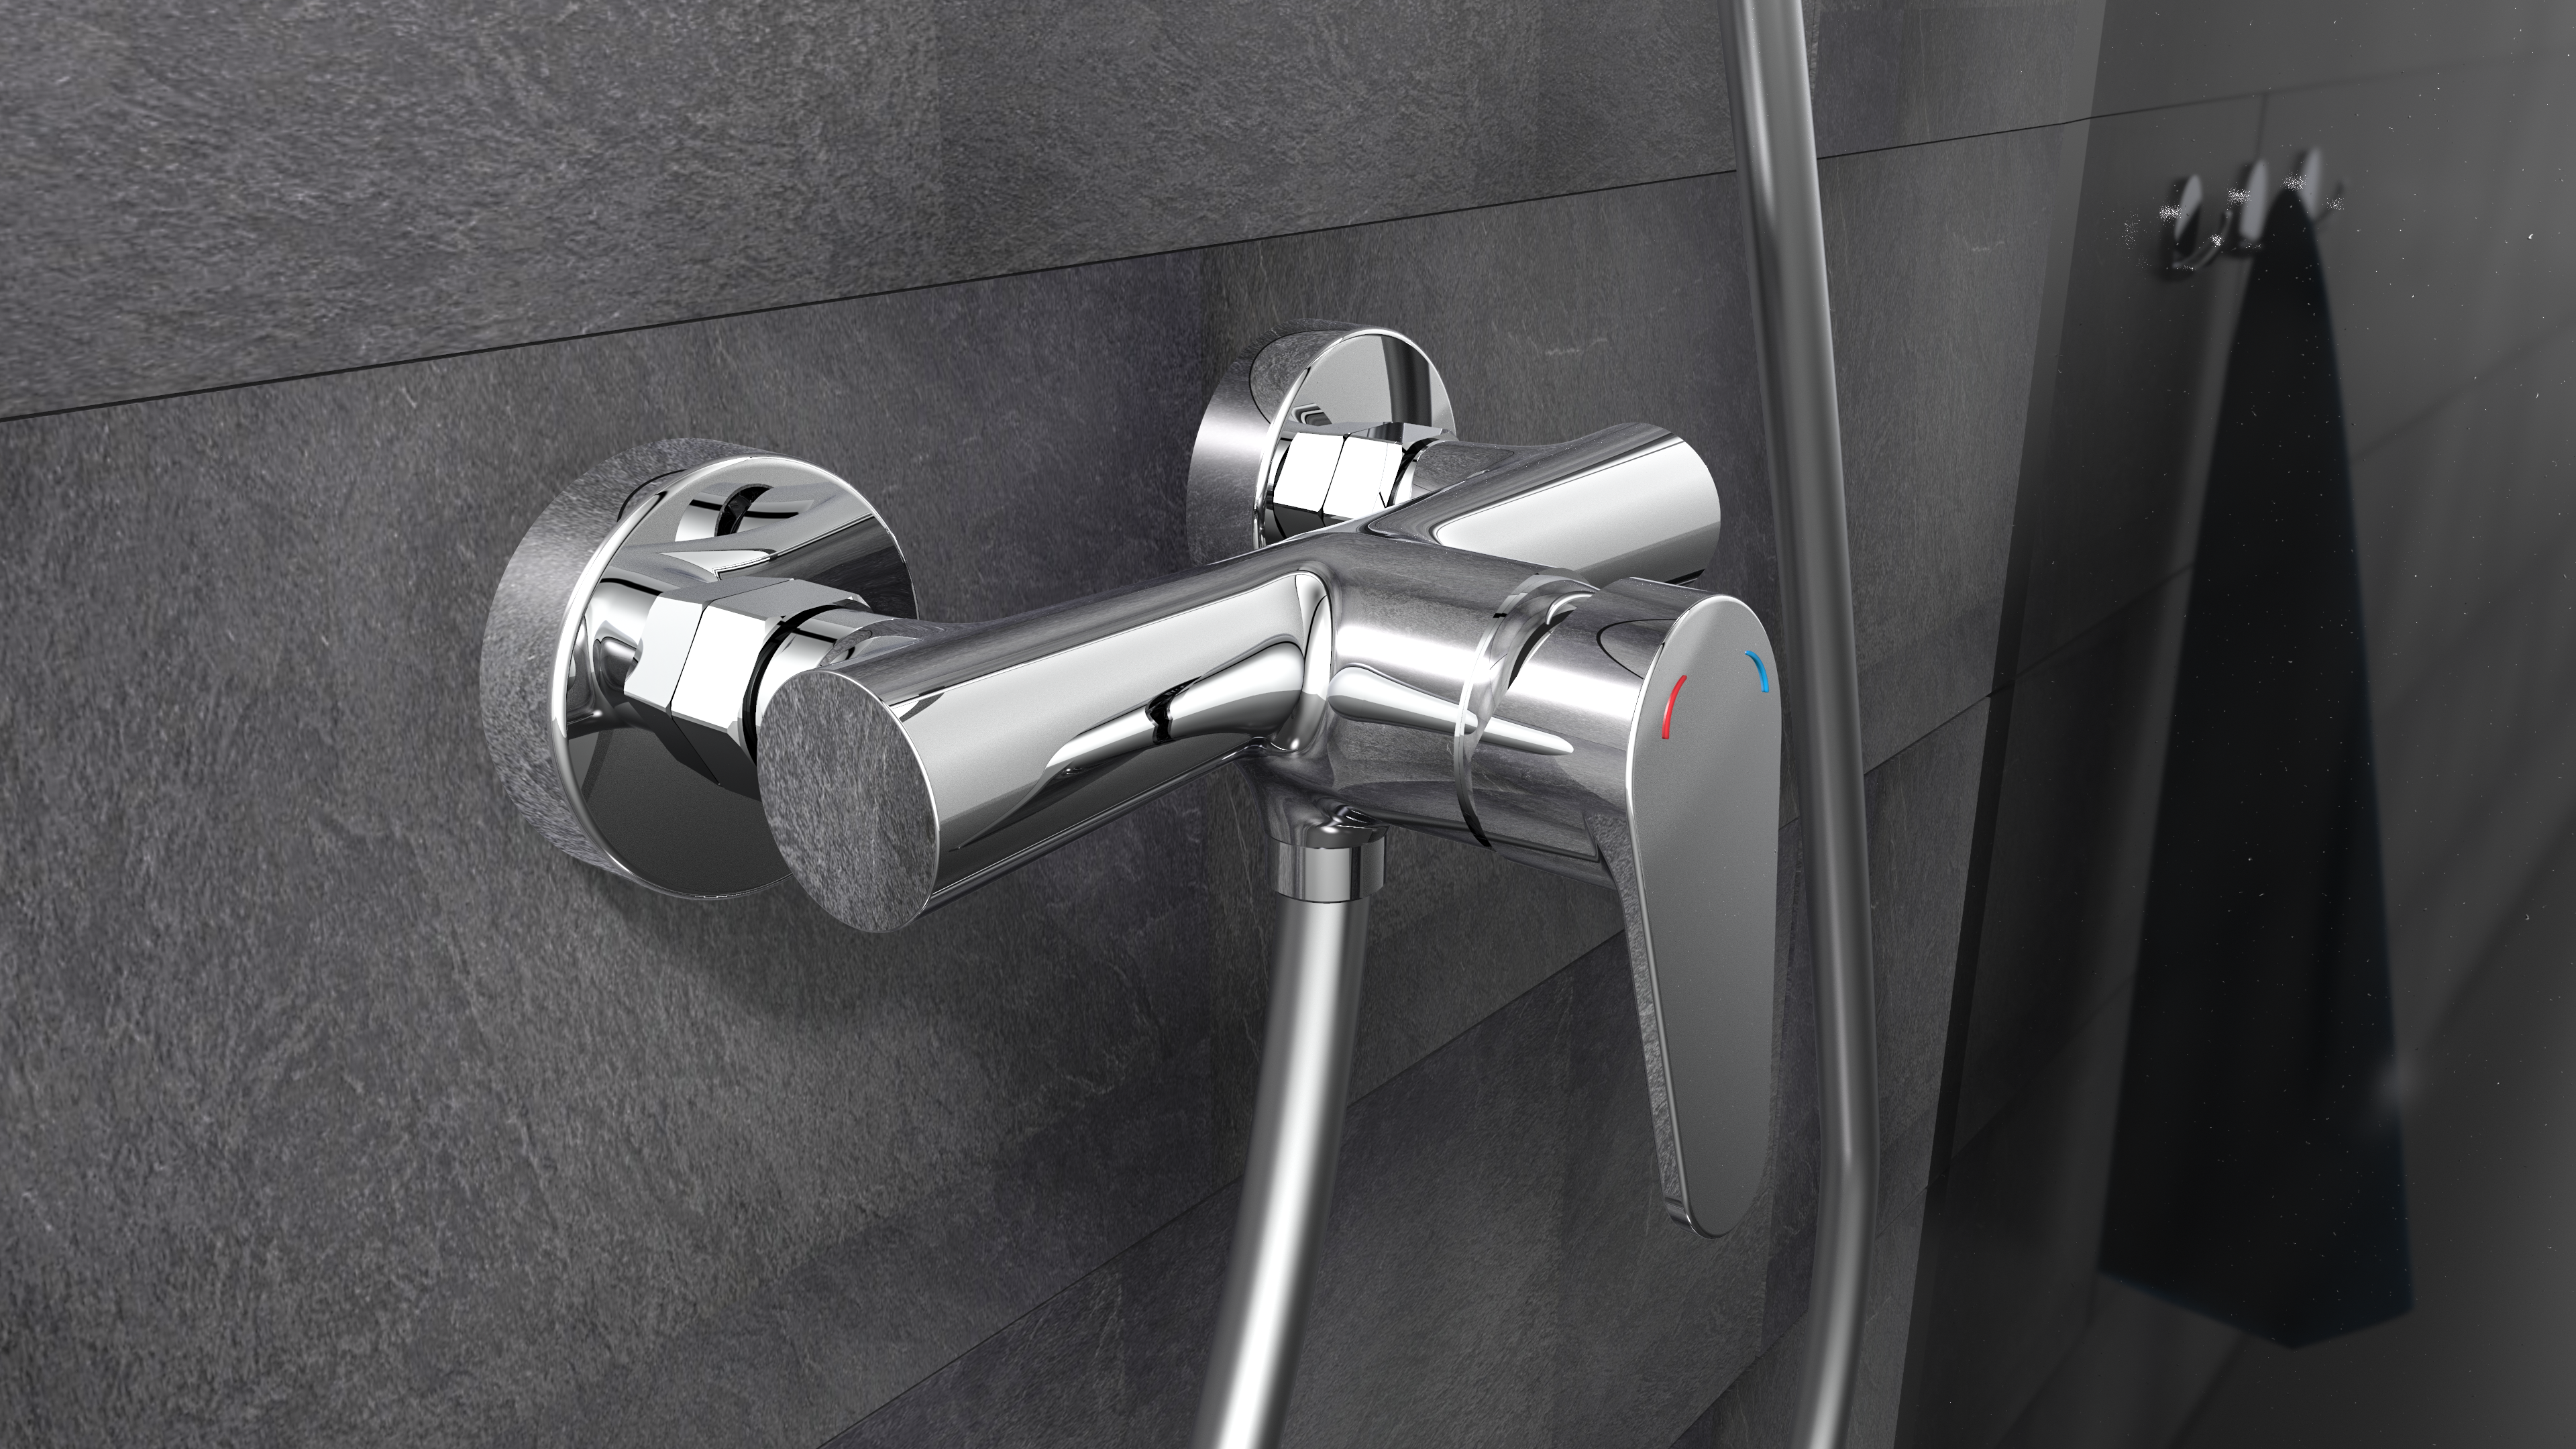 Thermostat Duschsystem In 2020 Duschkopf Regendusche Duschsysteme Duscharmatur